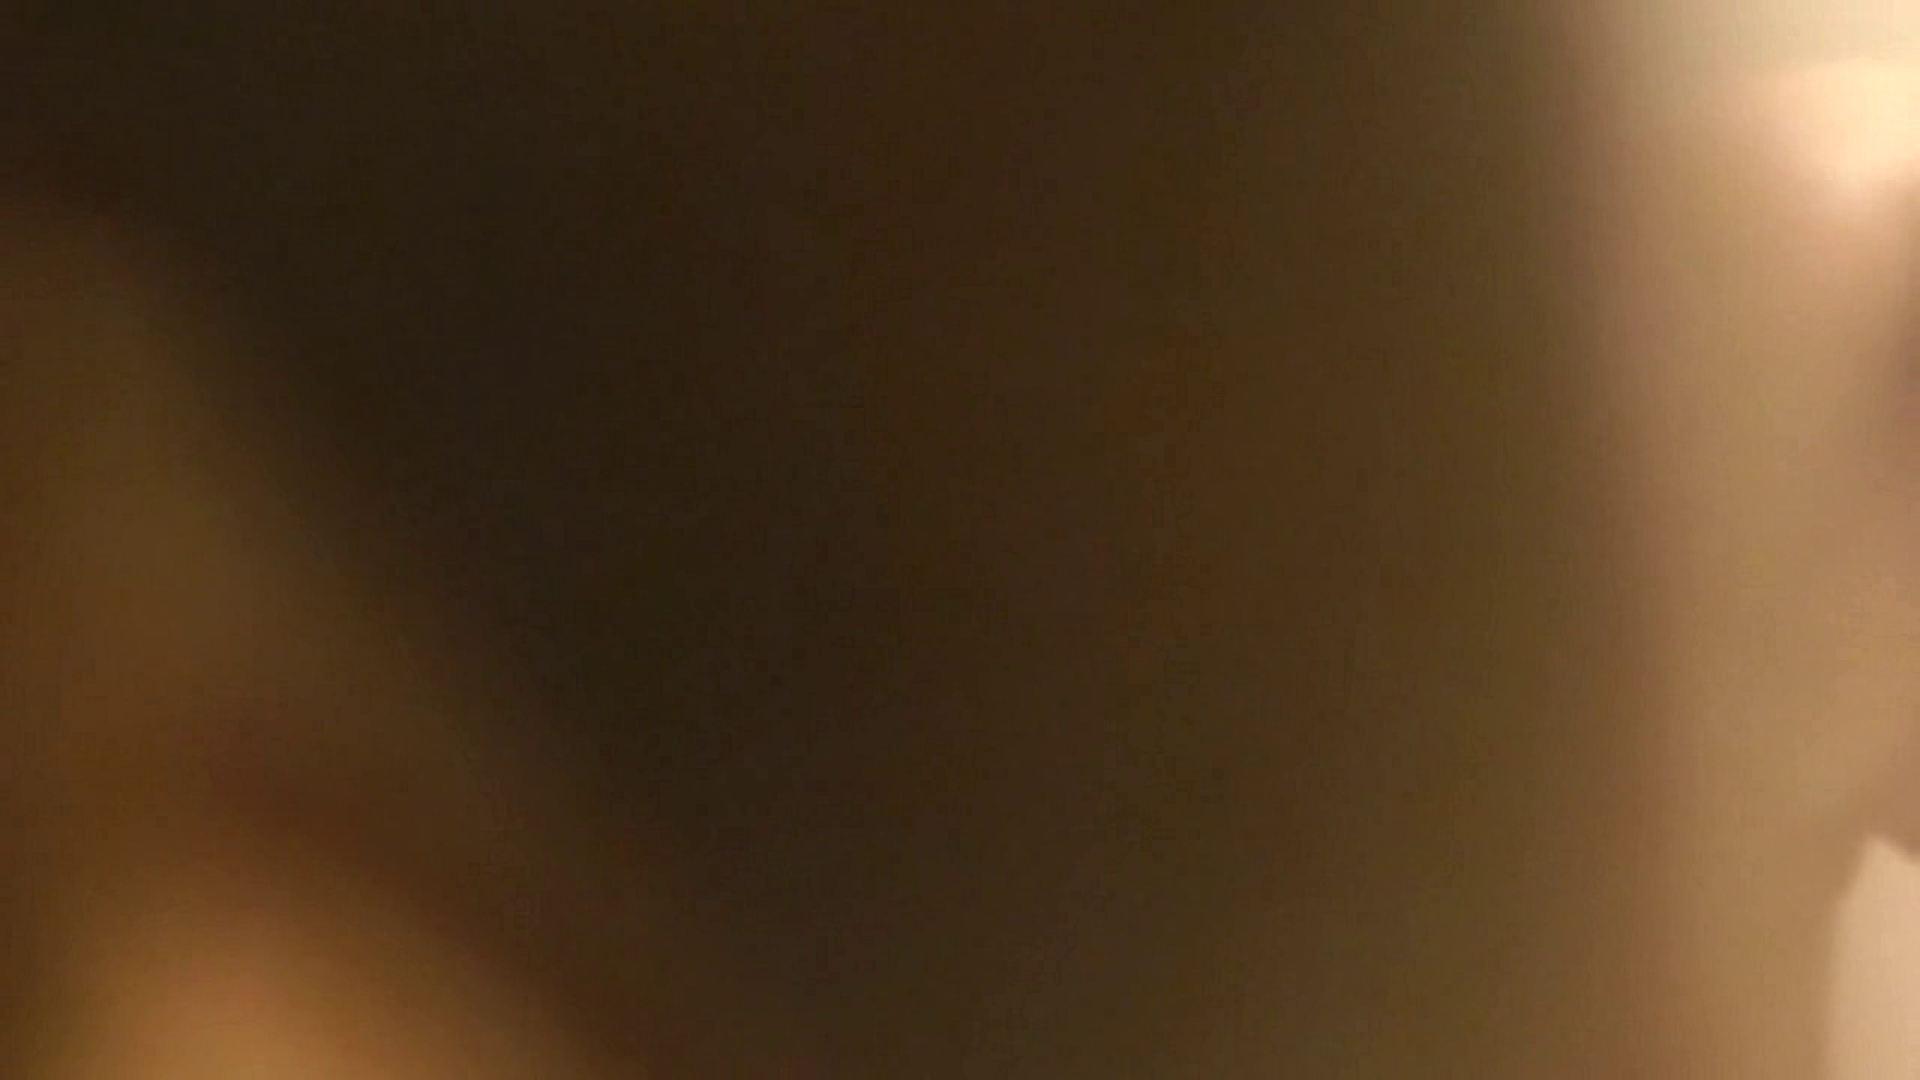 vol.1 Mayumi 窓越しに入浴シーン撮影に成功 入浴 おまんこ動画流出 60連発 17